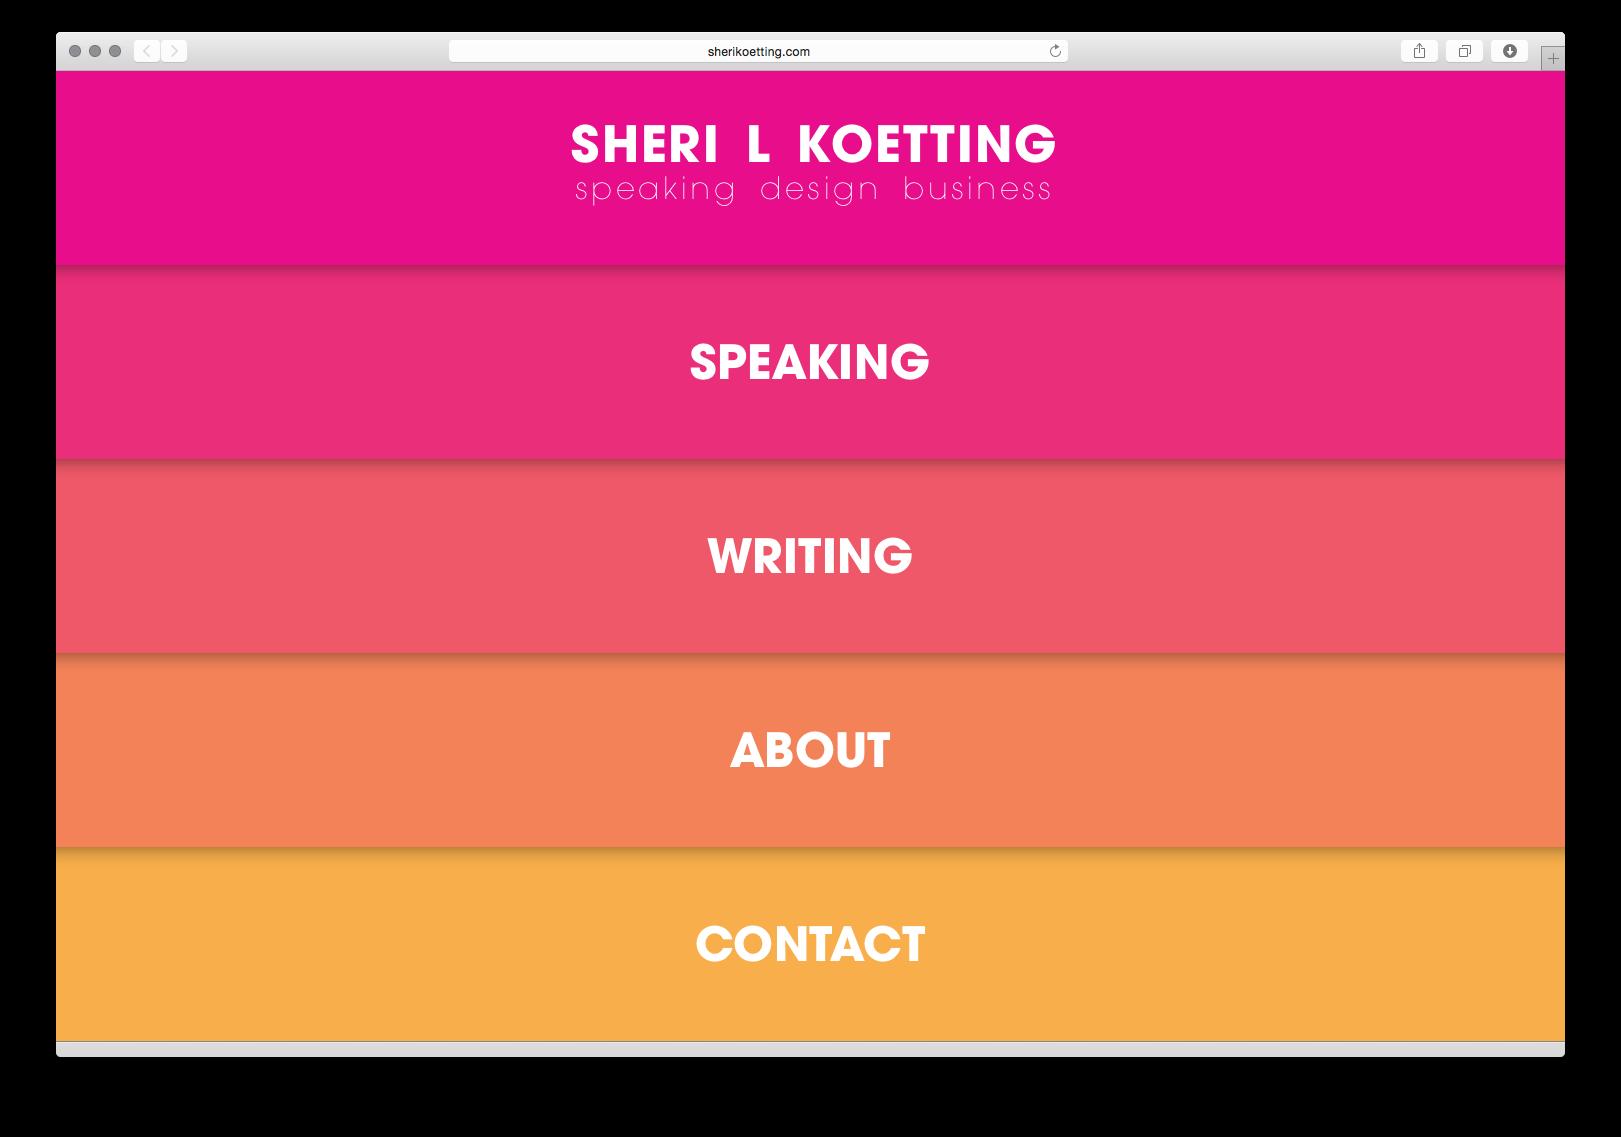 MSLK Partner Sheri L Koetting Launches Her Own Speaker Site